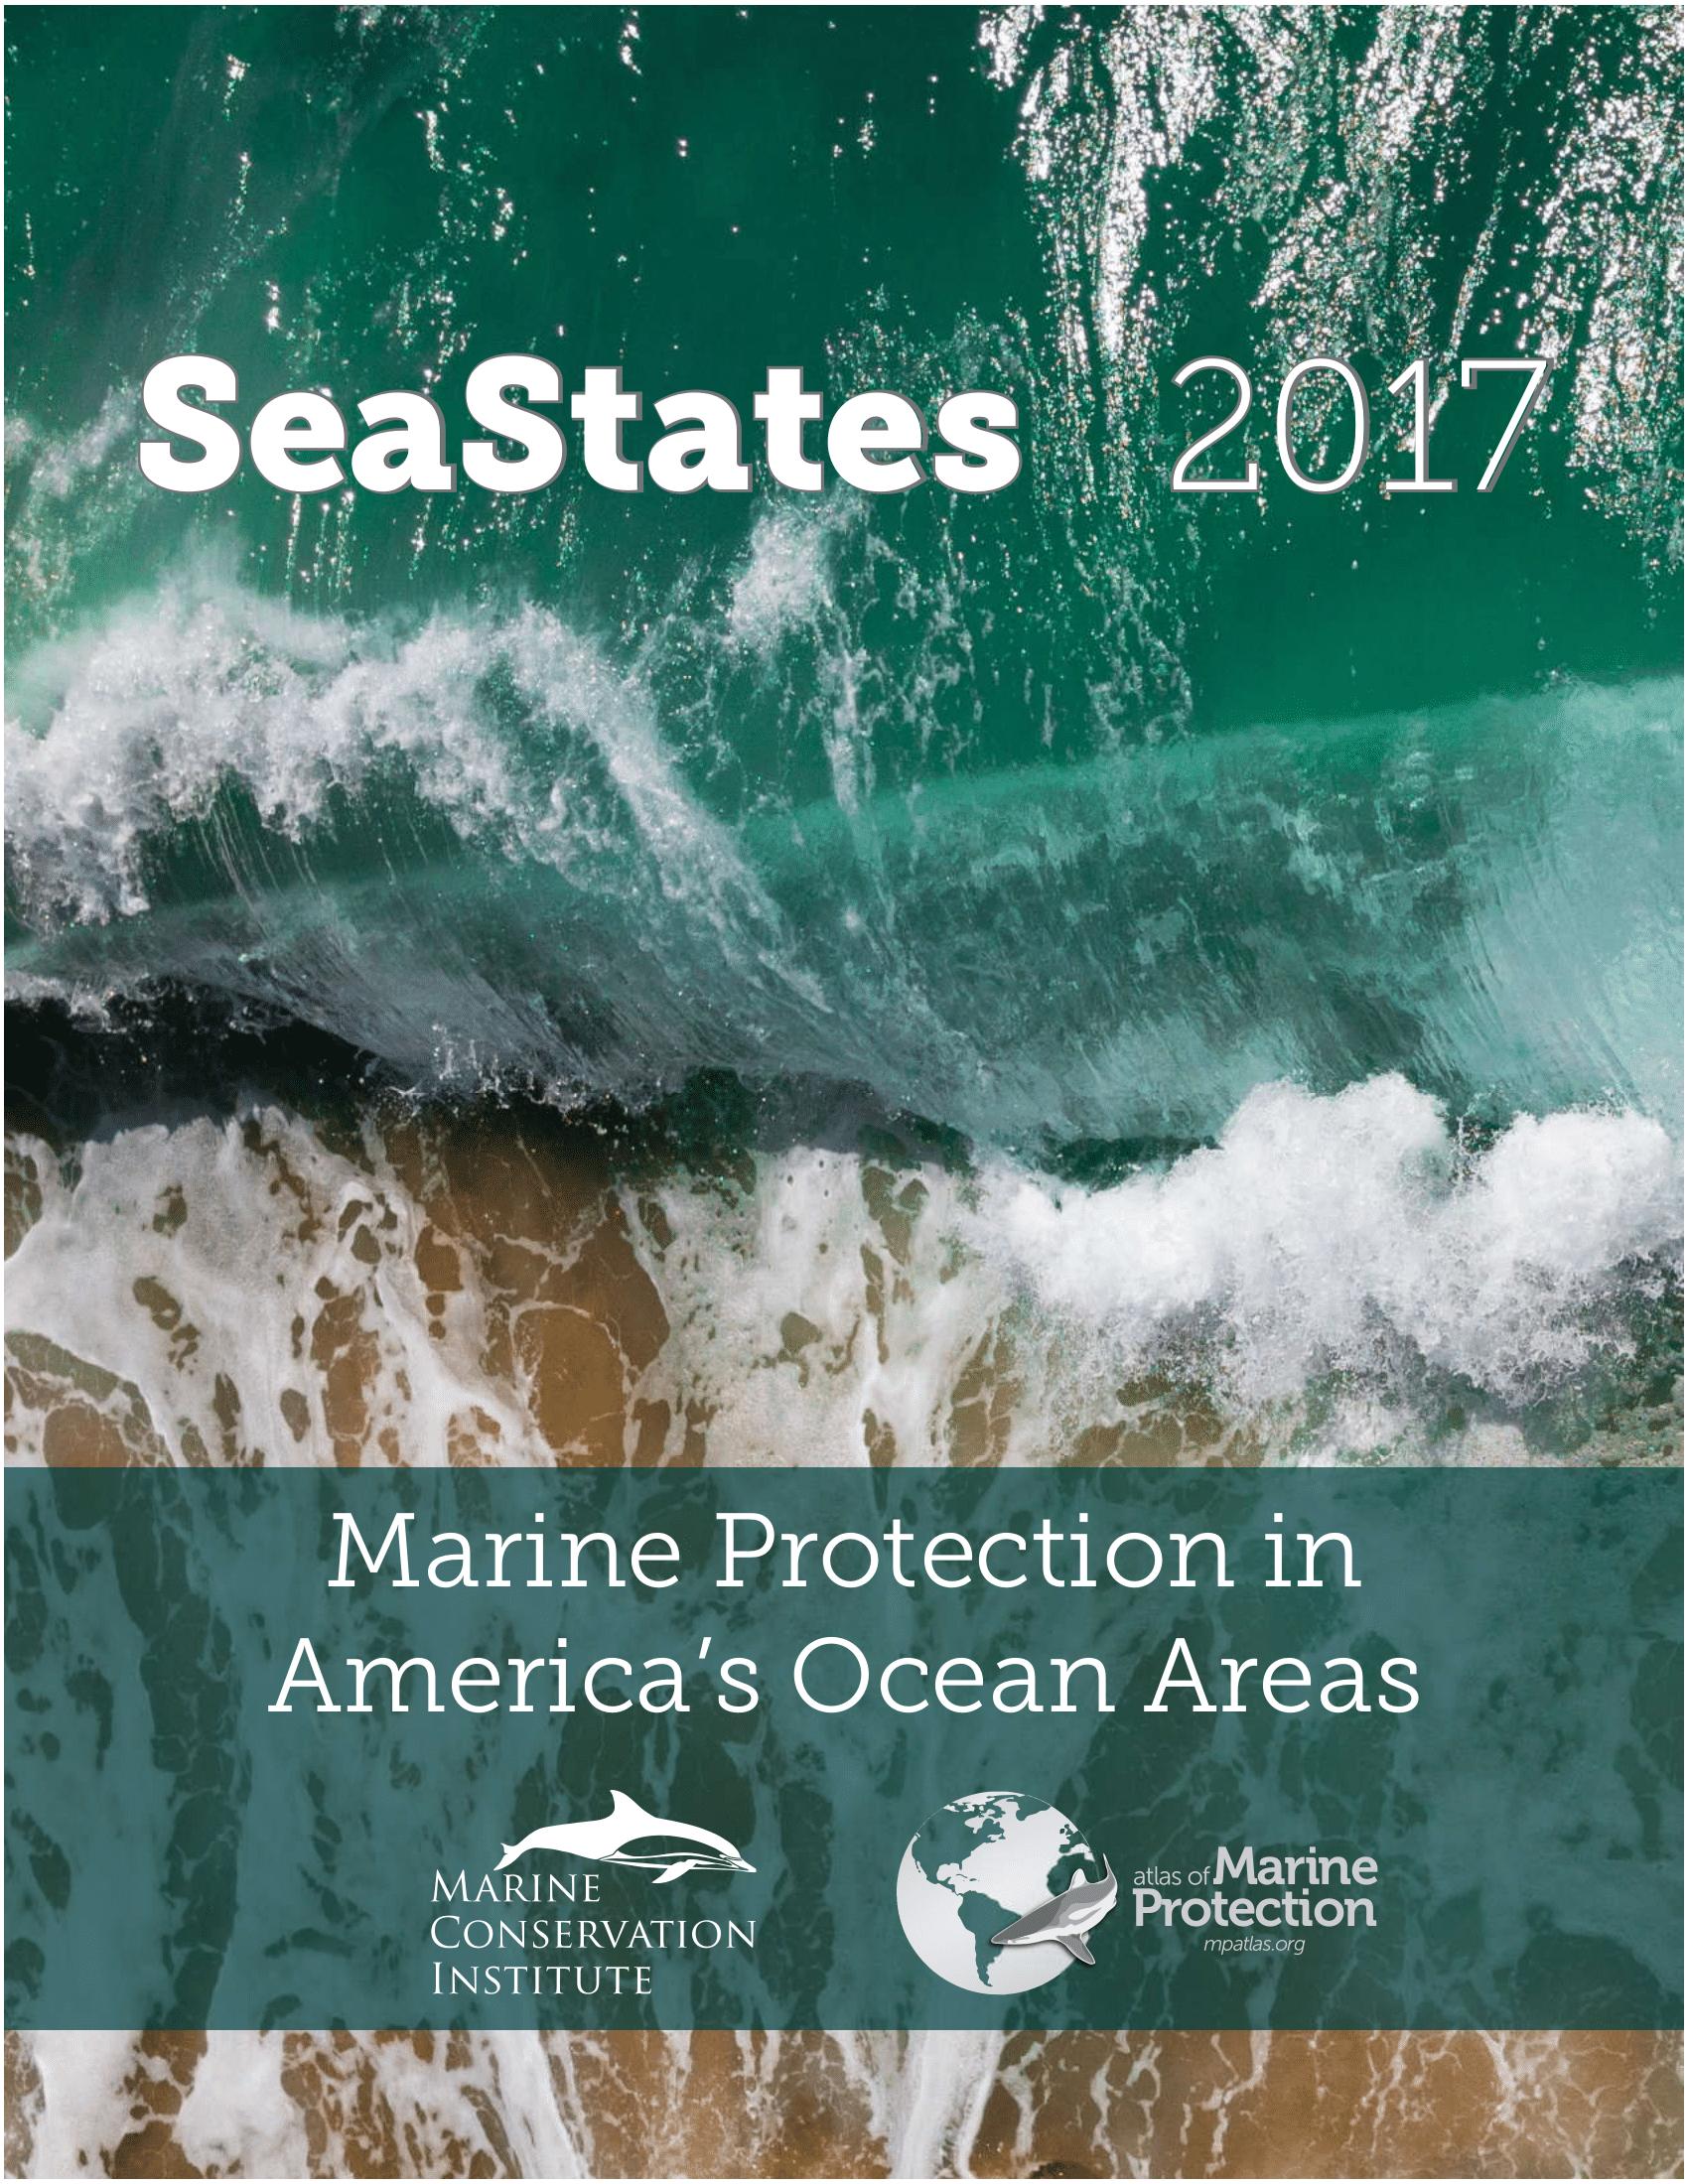 seastates_us_2017_titlepage-1